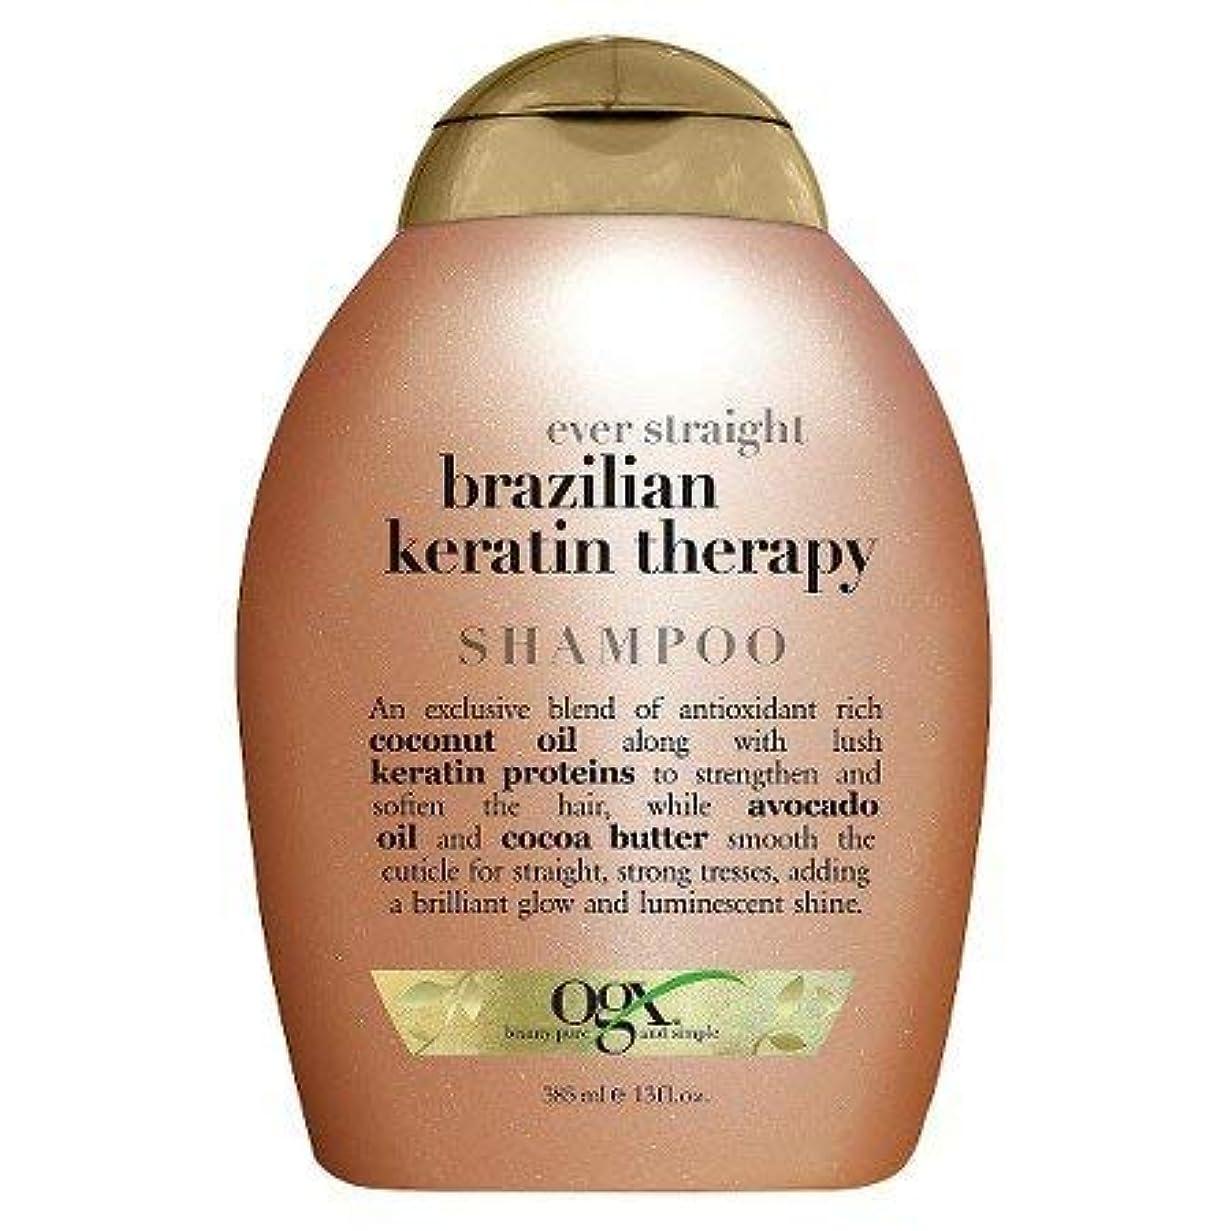 アボート白内障電話するOGX Ever Straight Sulfate & Sodium Free Brazilian Keratin Therapy Shampoo 360ml エヴァーストレートブラジルケラチンセラピーシャンプーシャンプー...